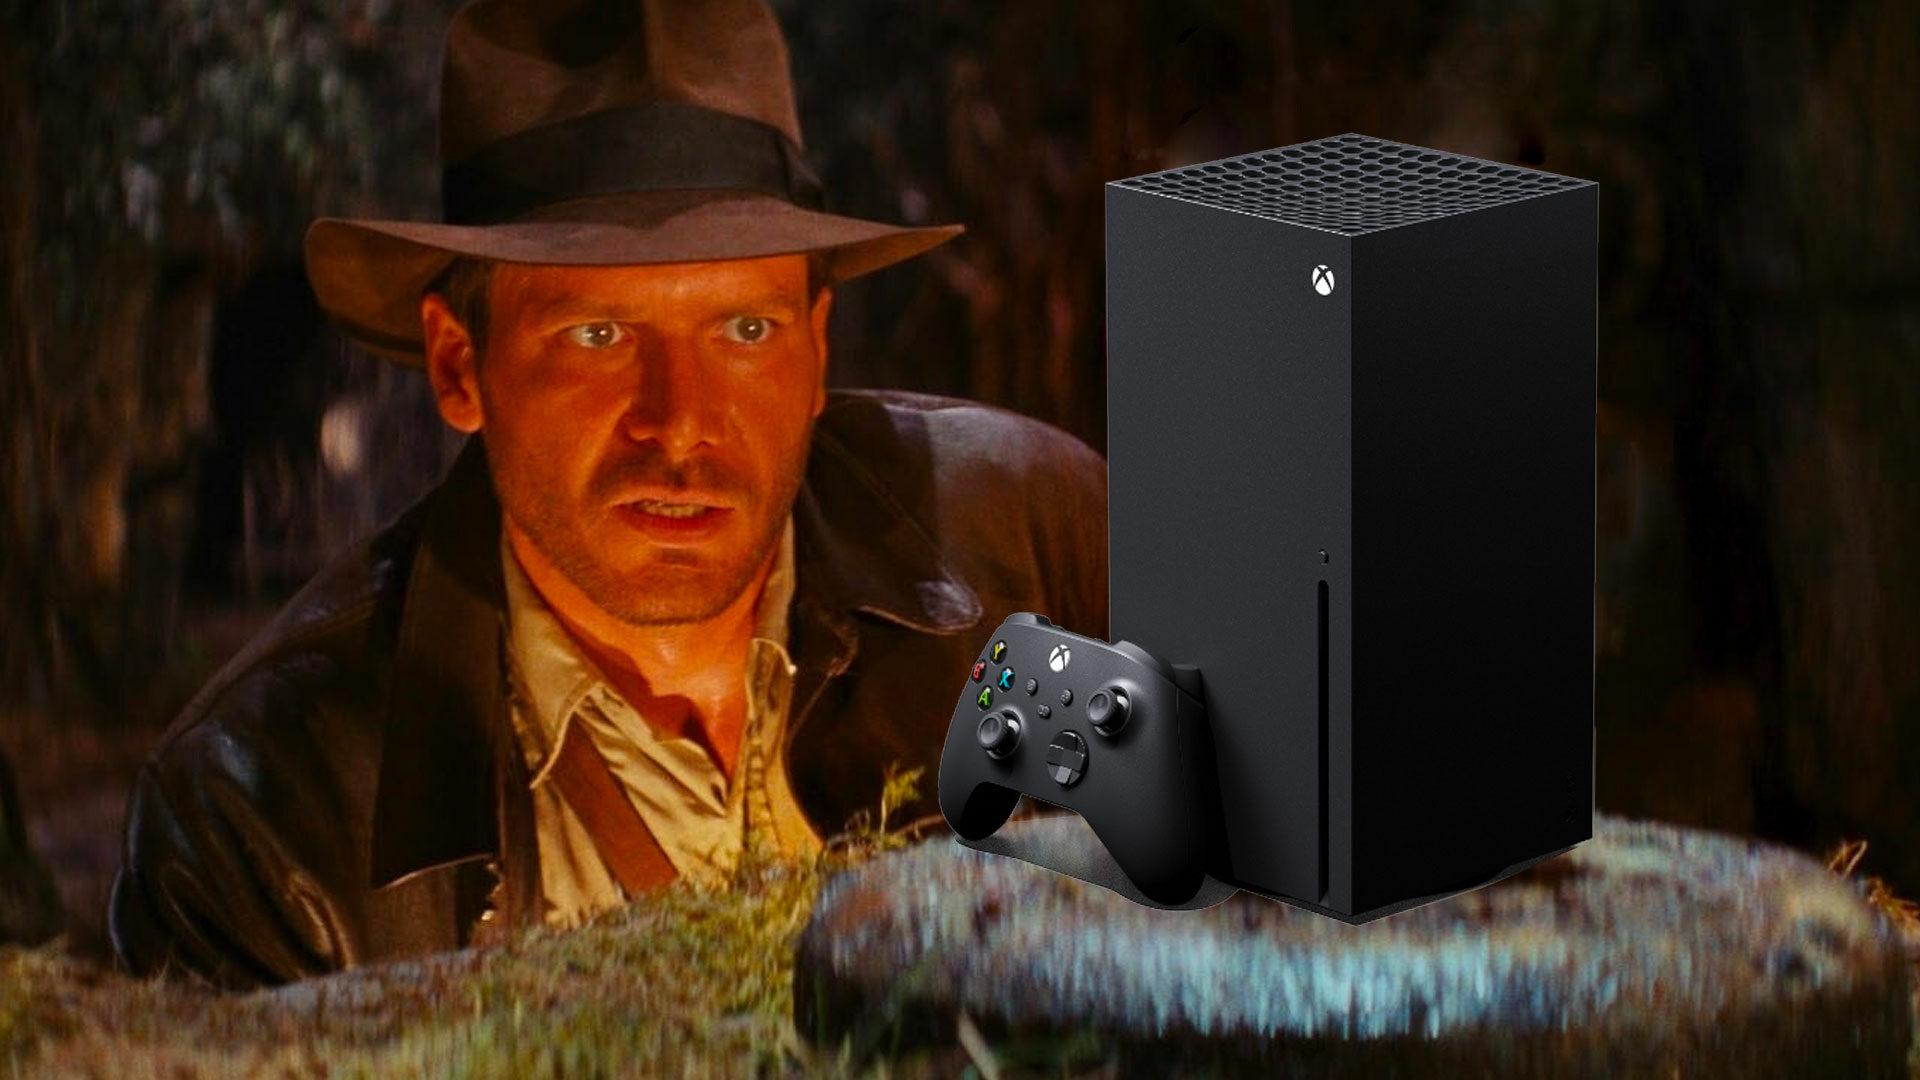 Le prochain jeu Indiana Jones serait une exclusivité Xbox